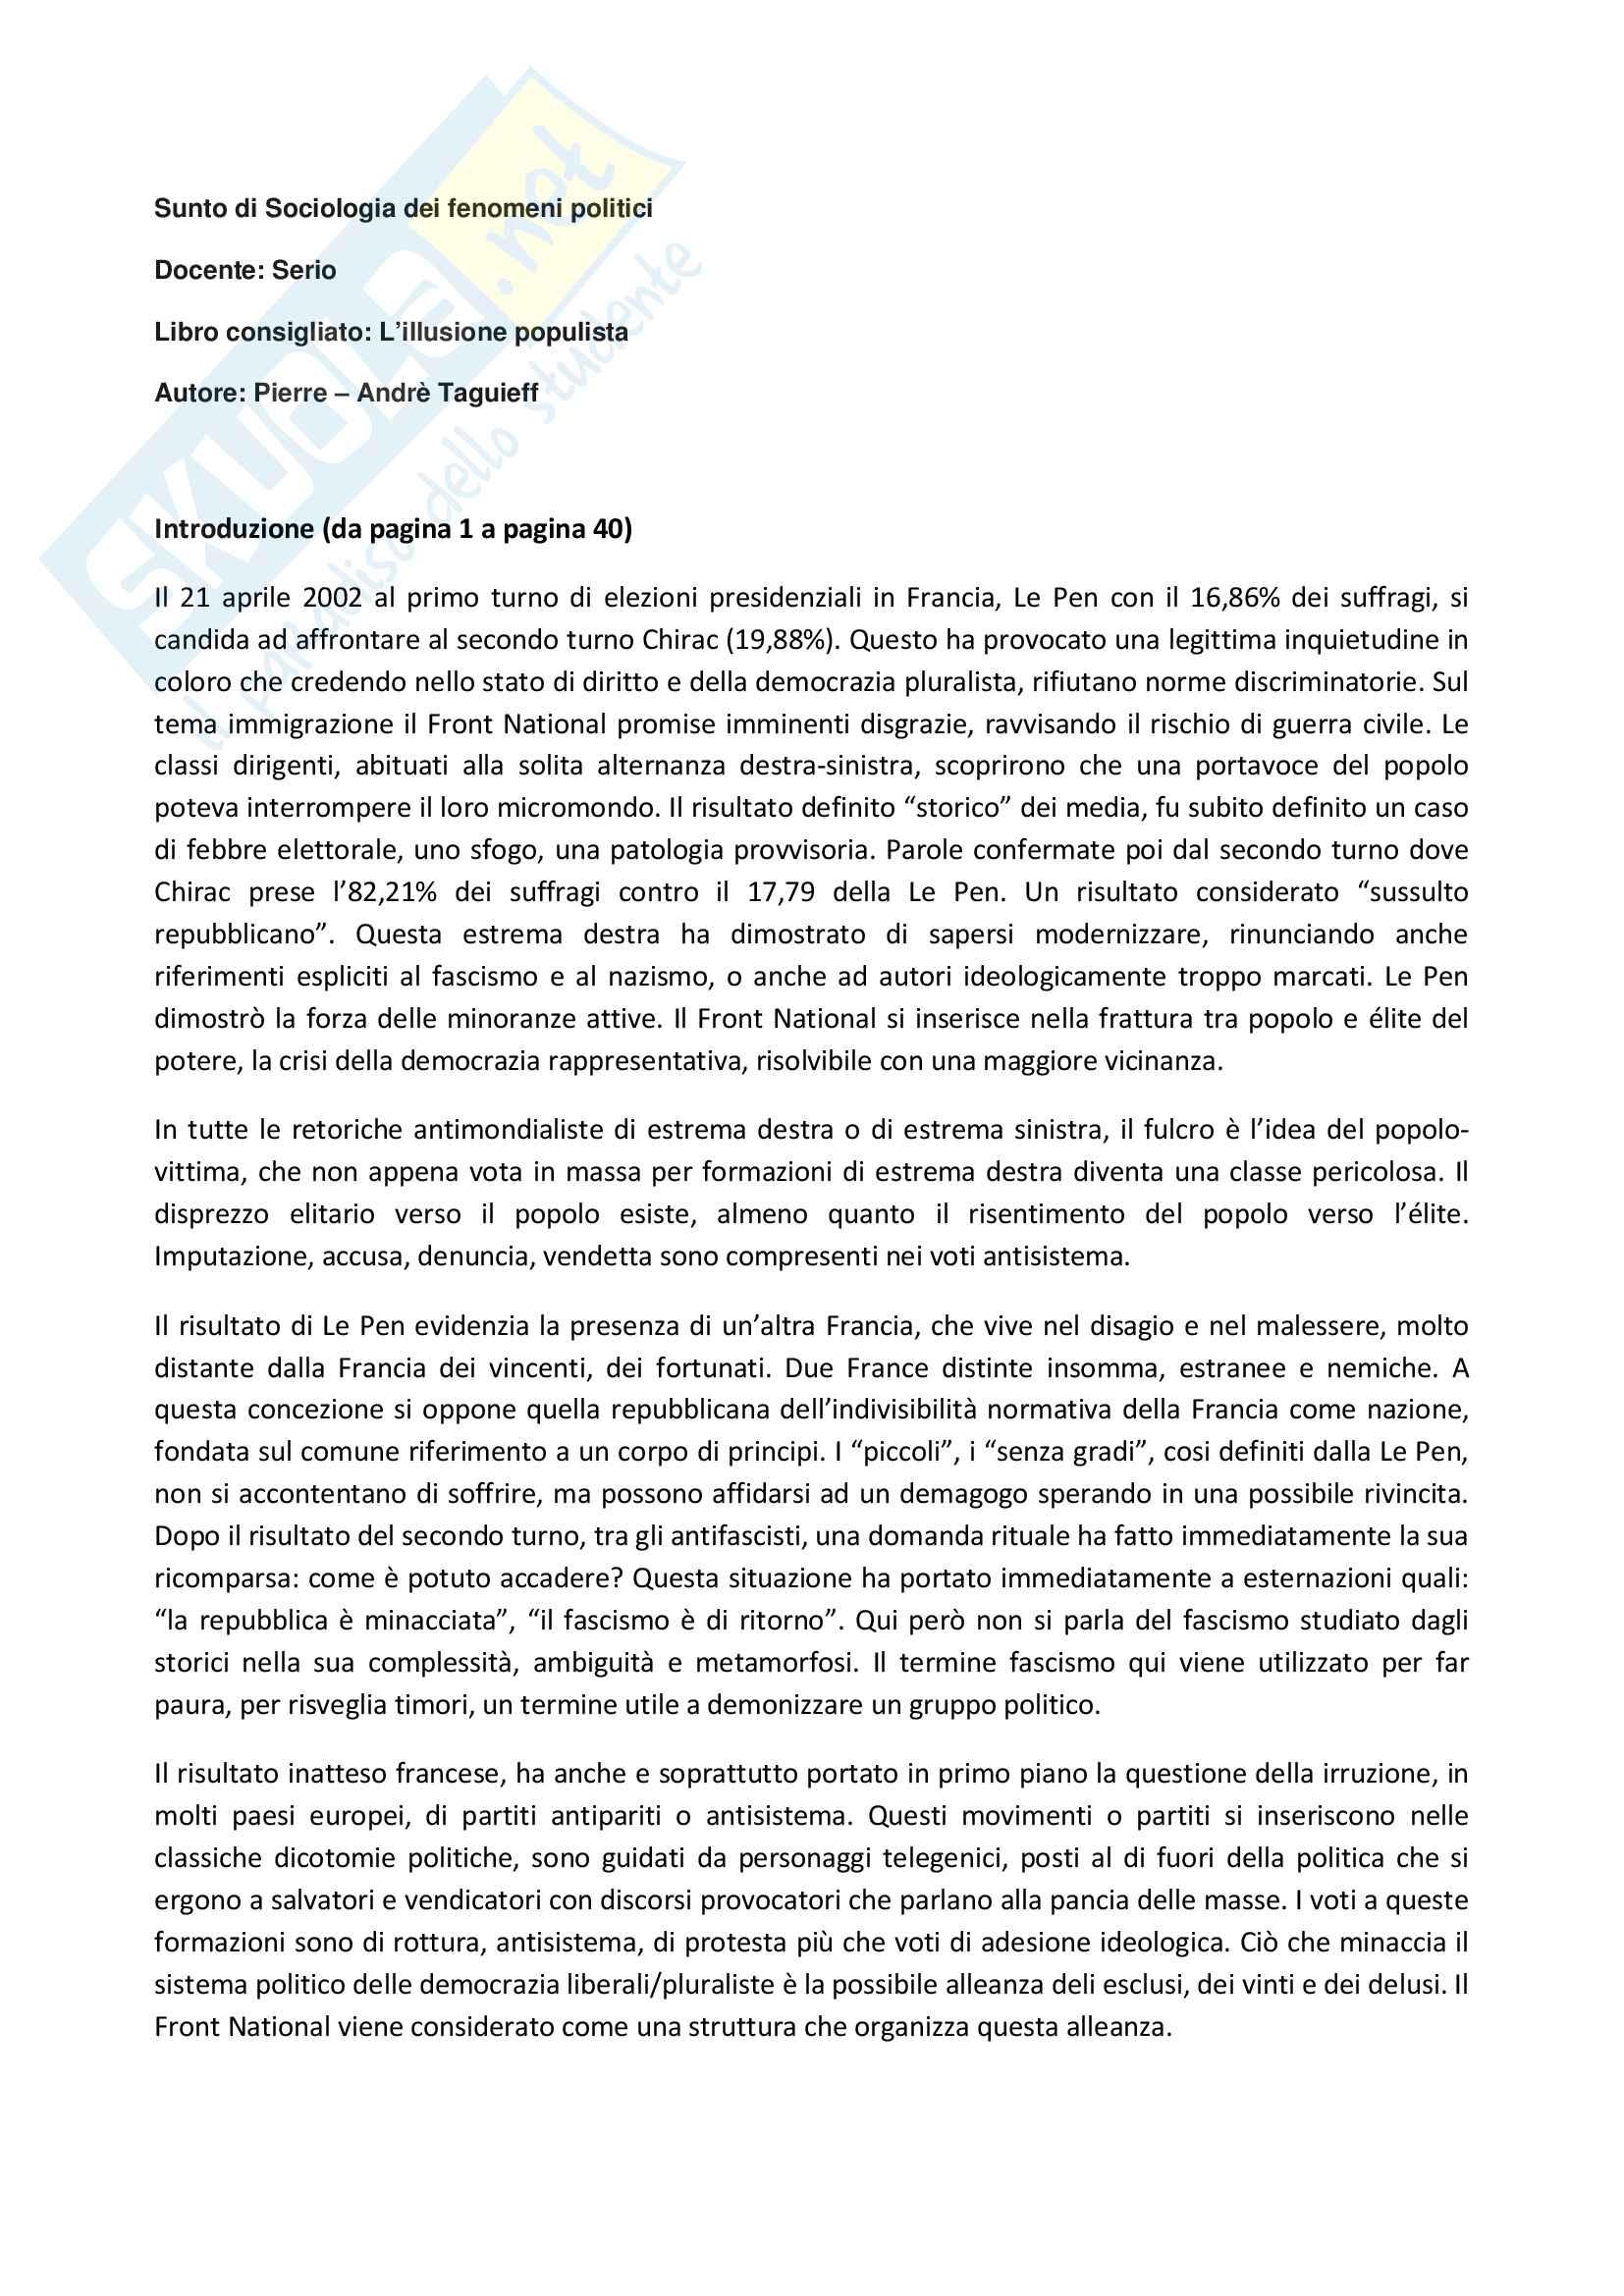 Riassunto esame Sociologia dei fenomeni politici, Docente: Serio Libro consigliato: L'illusione populista, Autore: Pierre-André Taguieff